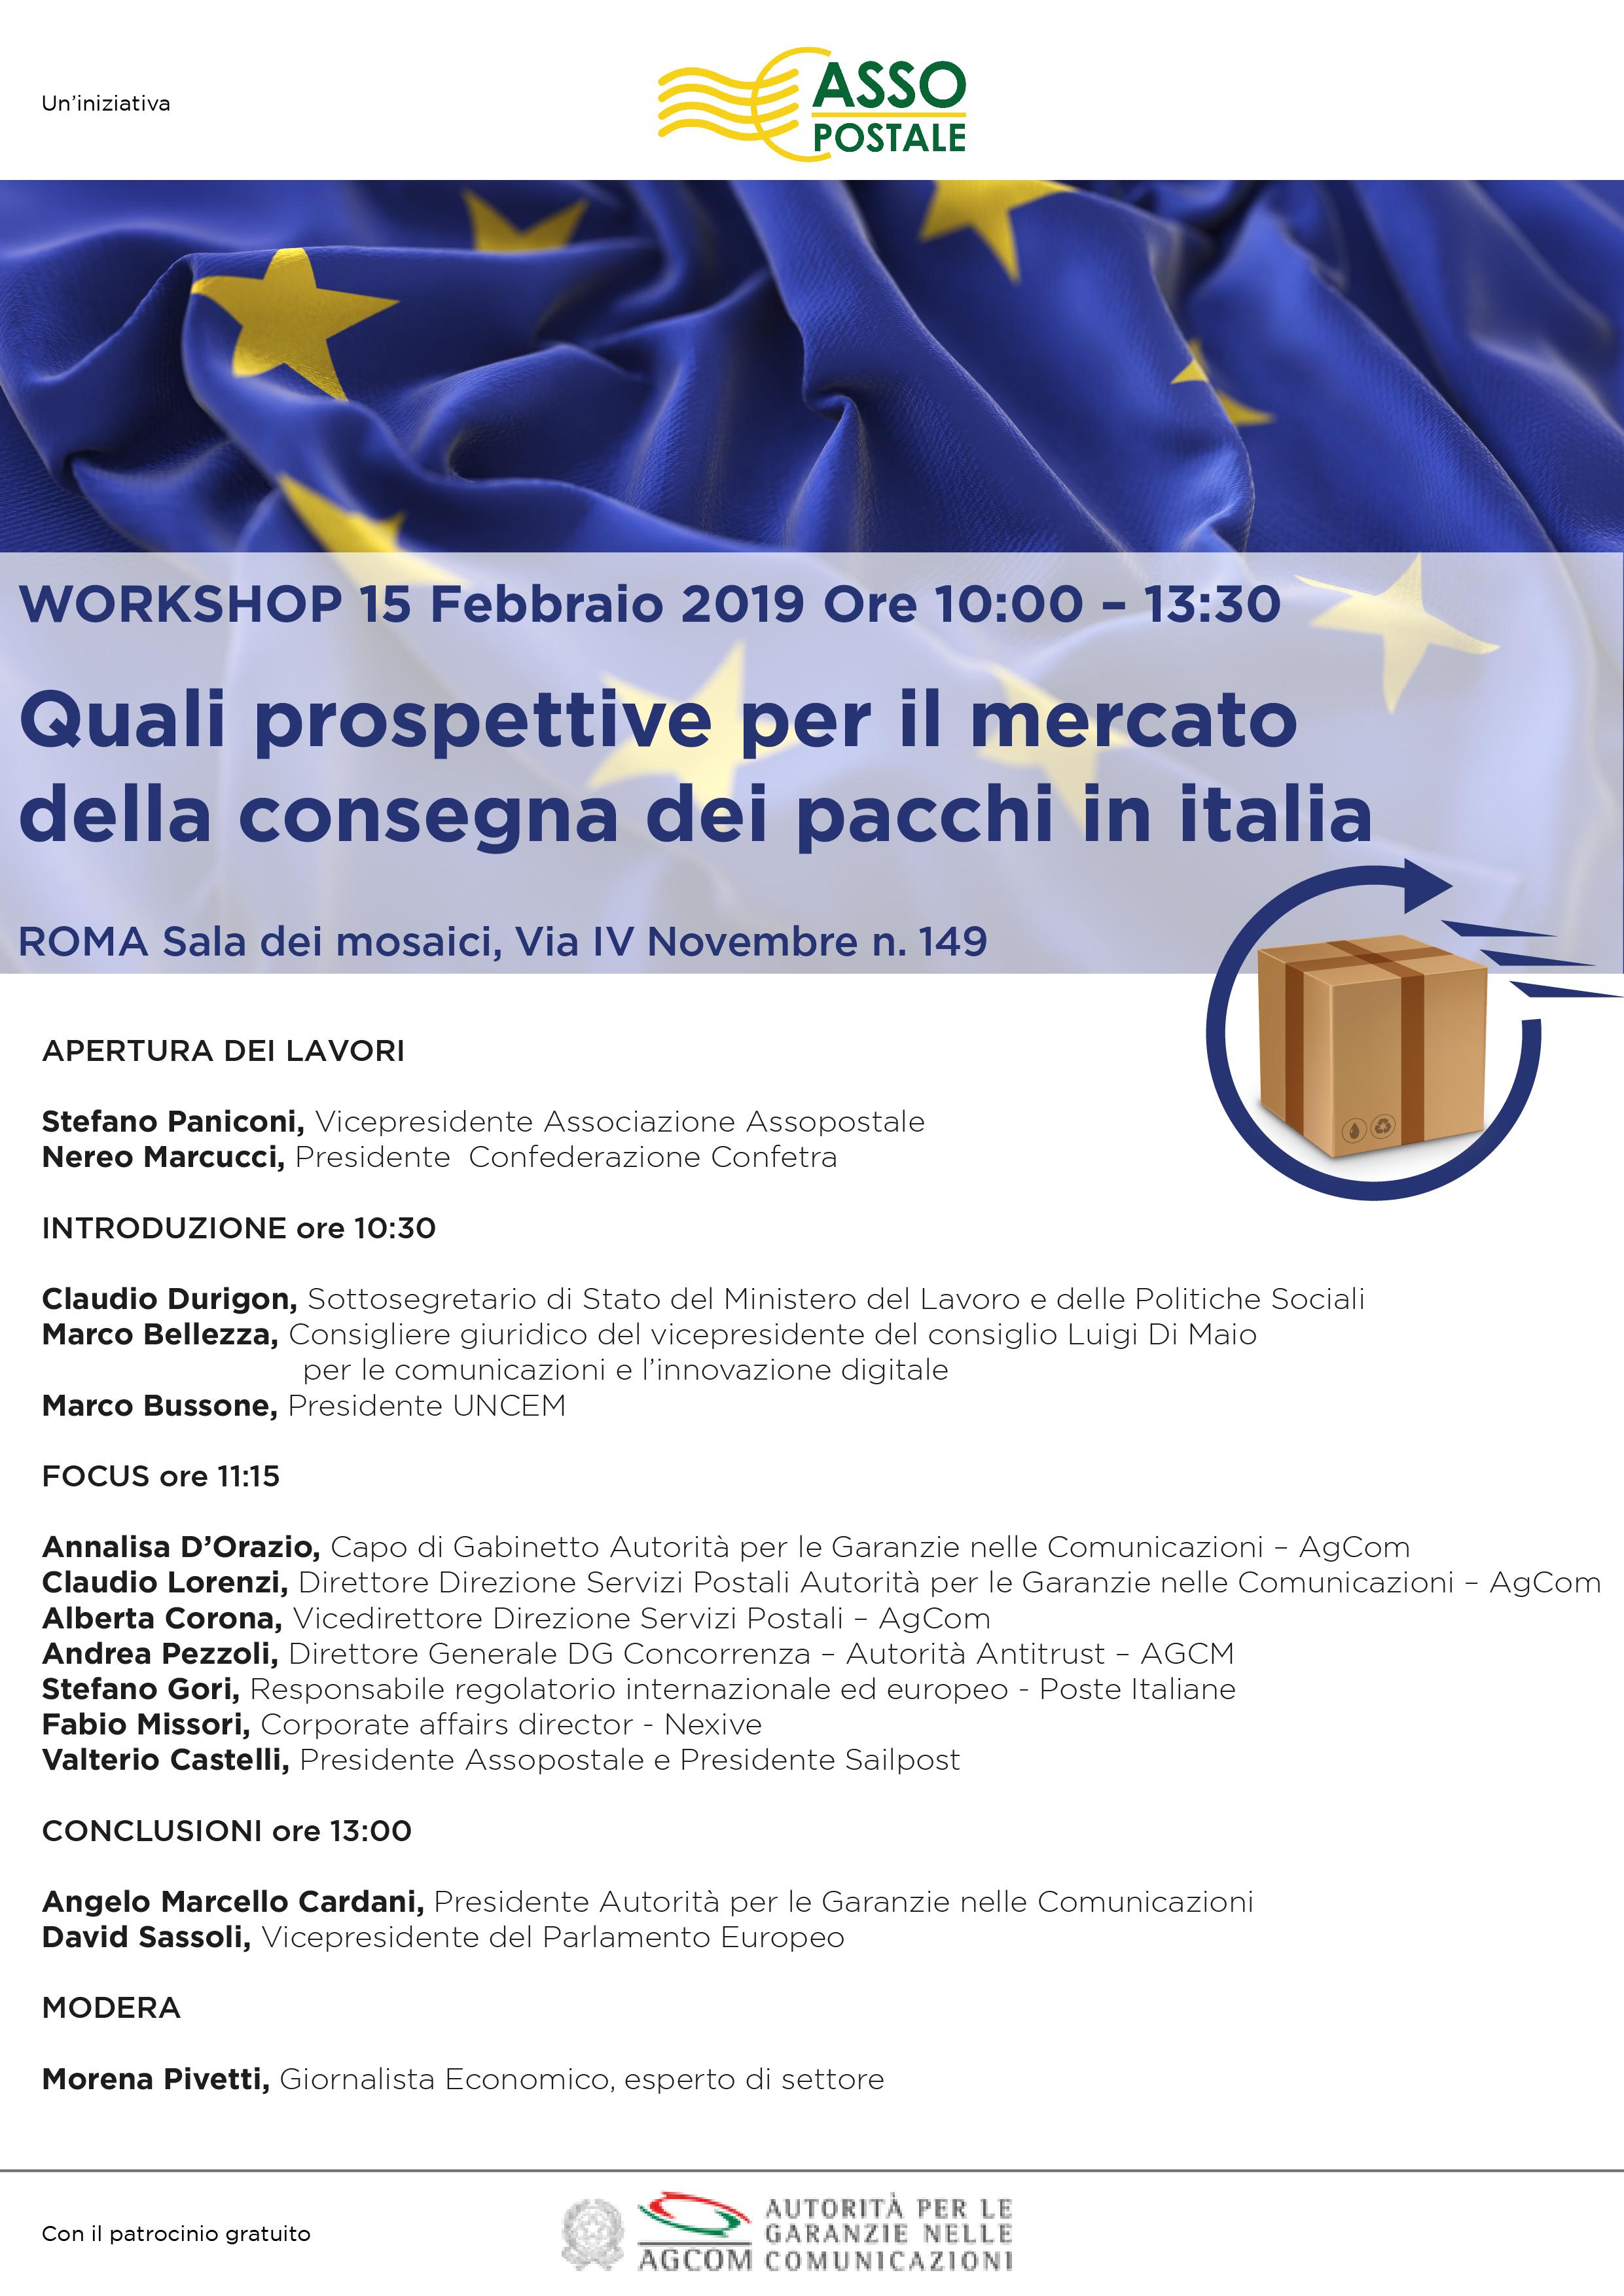 Assopostale - Quali prospettive per il mercato della consegna dei pacchi in Italia